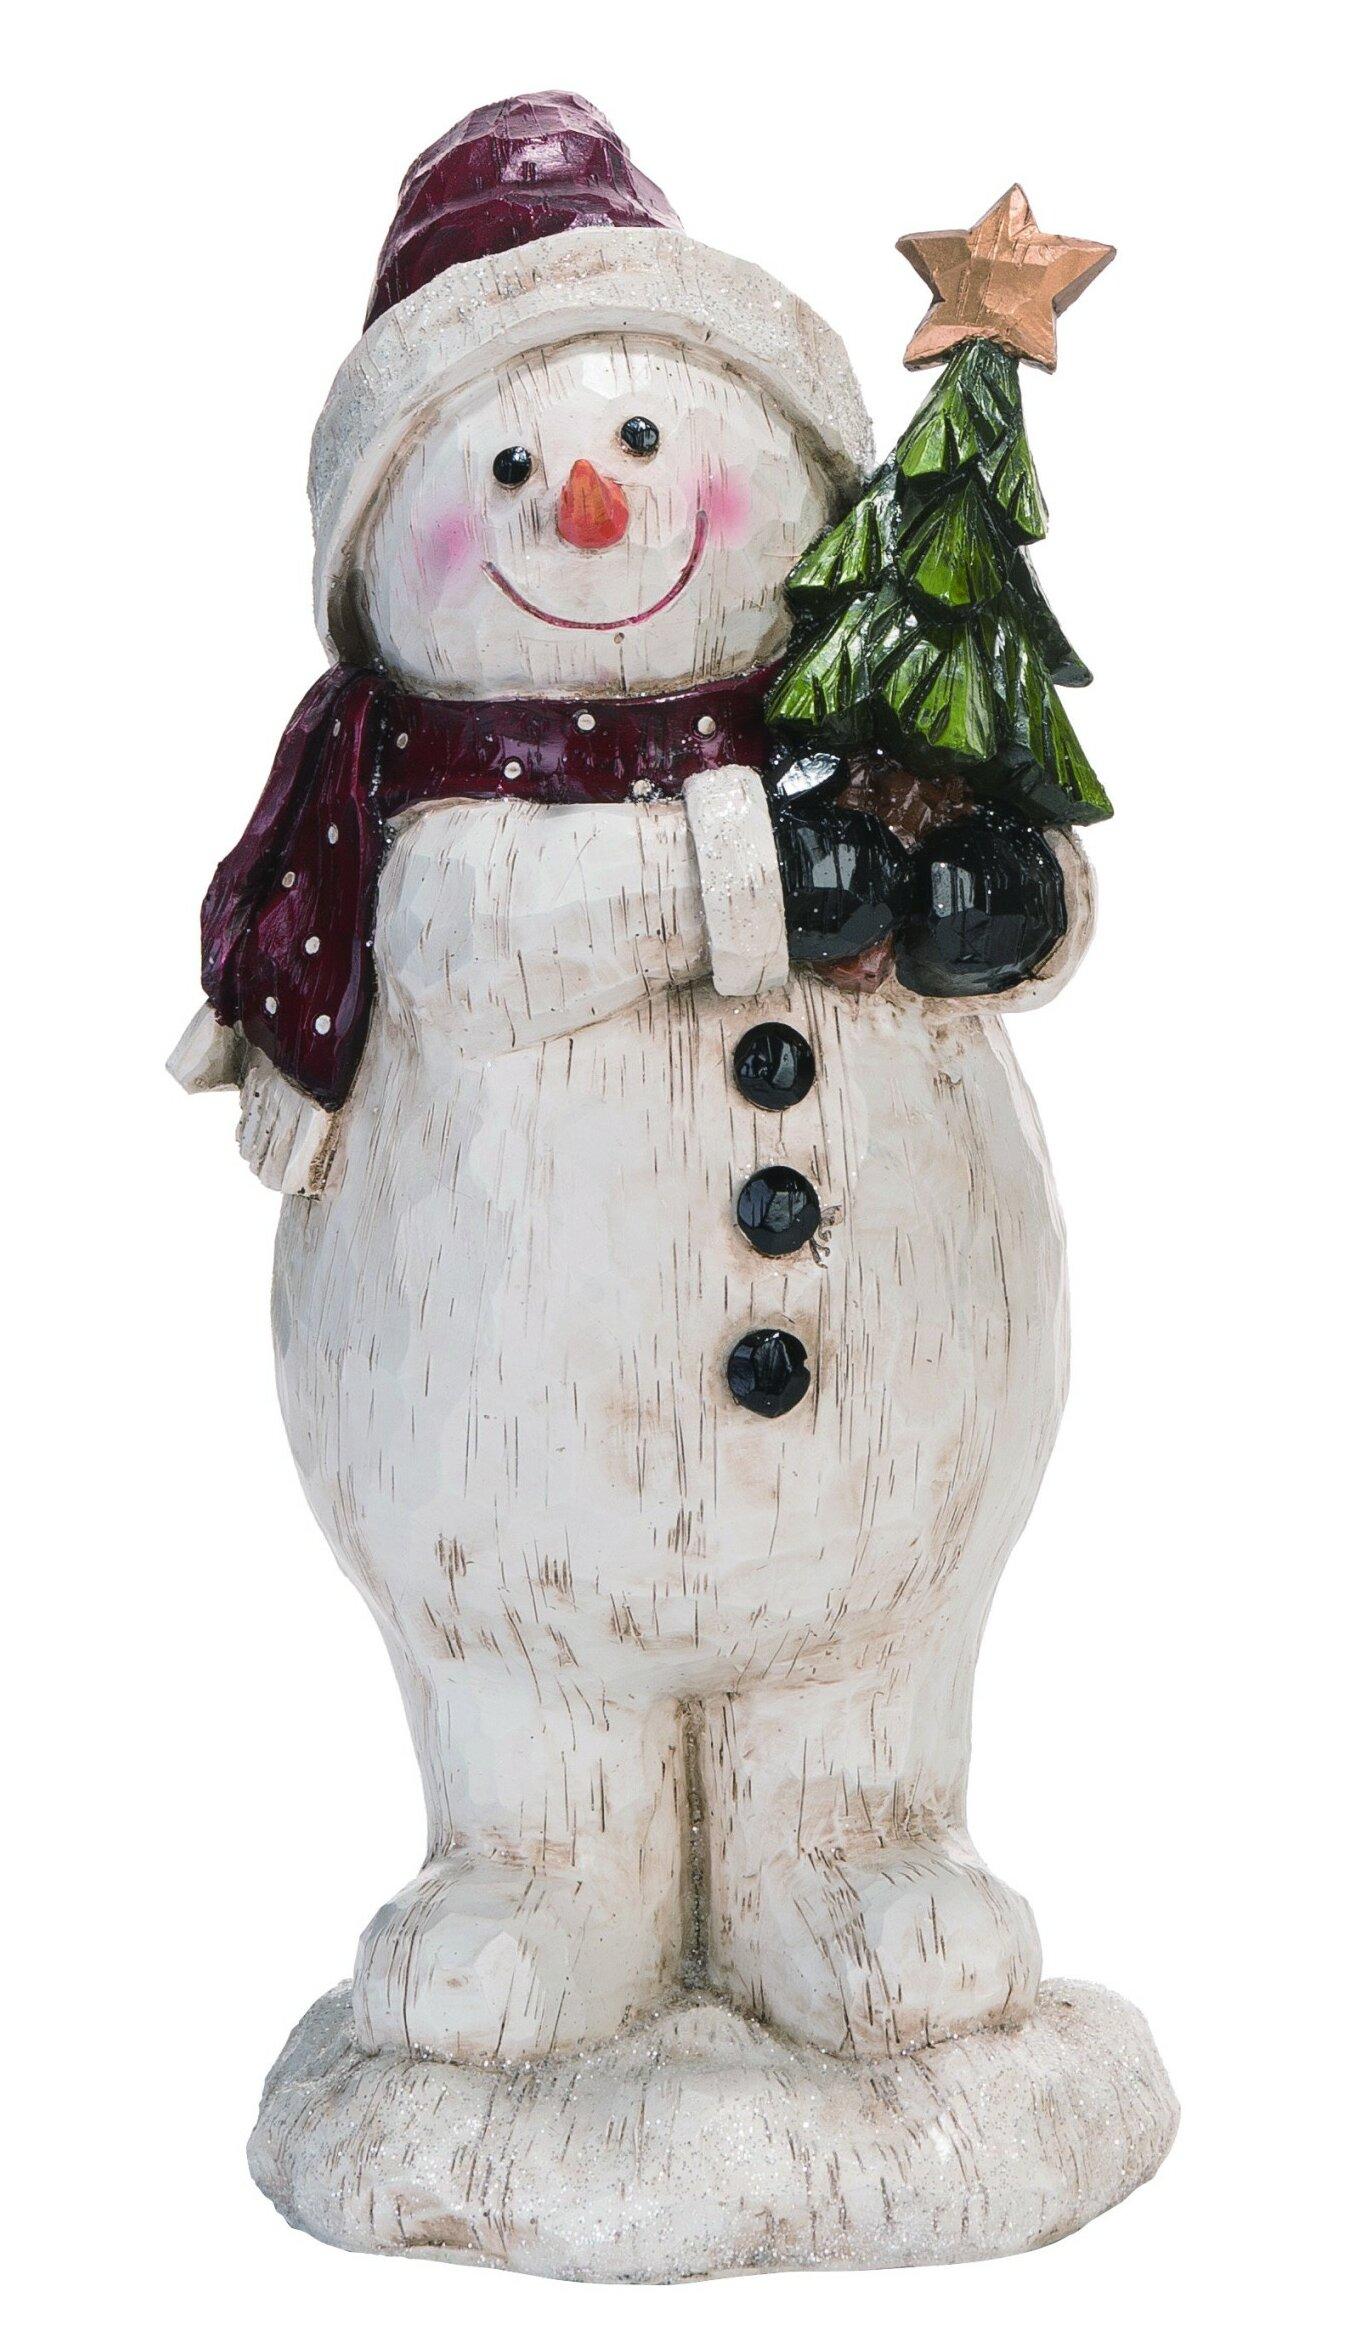 The Holiday Aisle Resin Look Snowman Figurine Wayfair